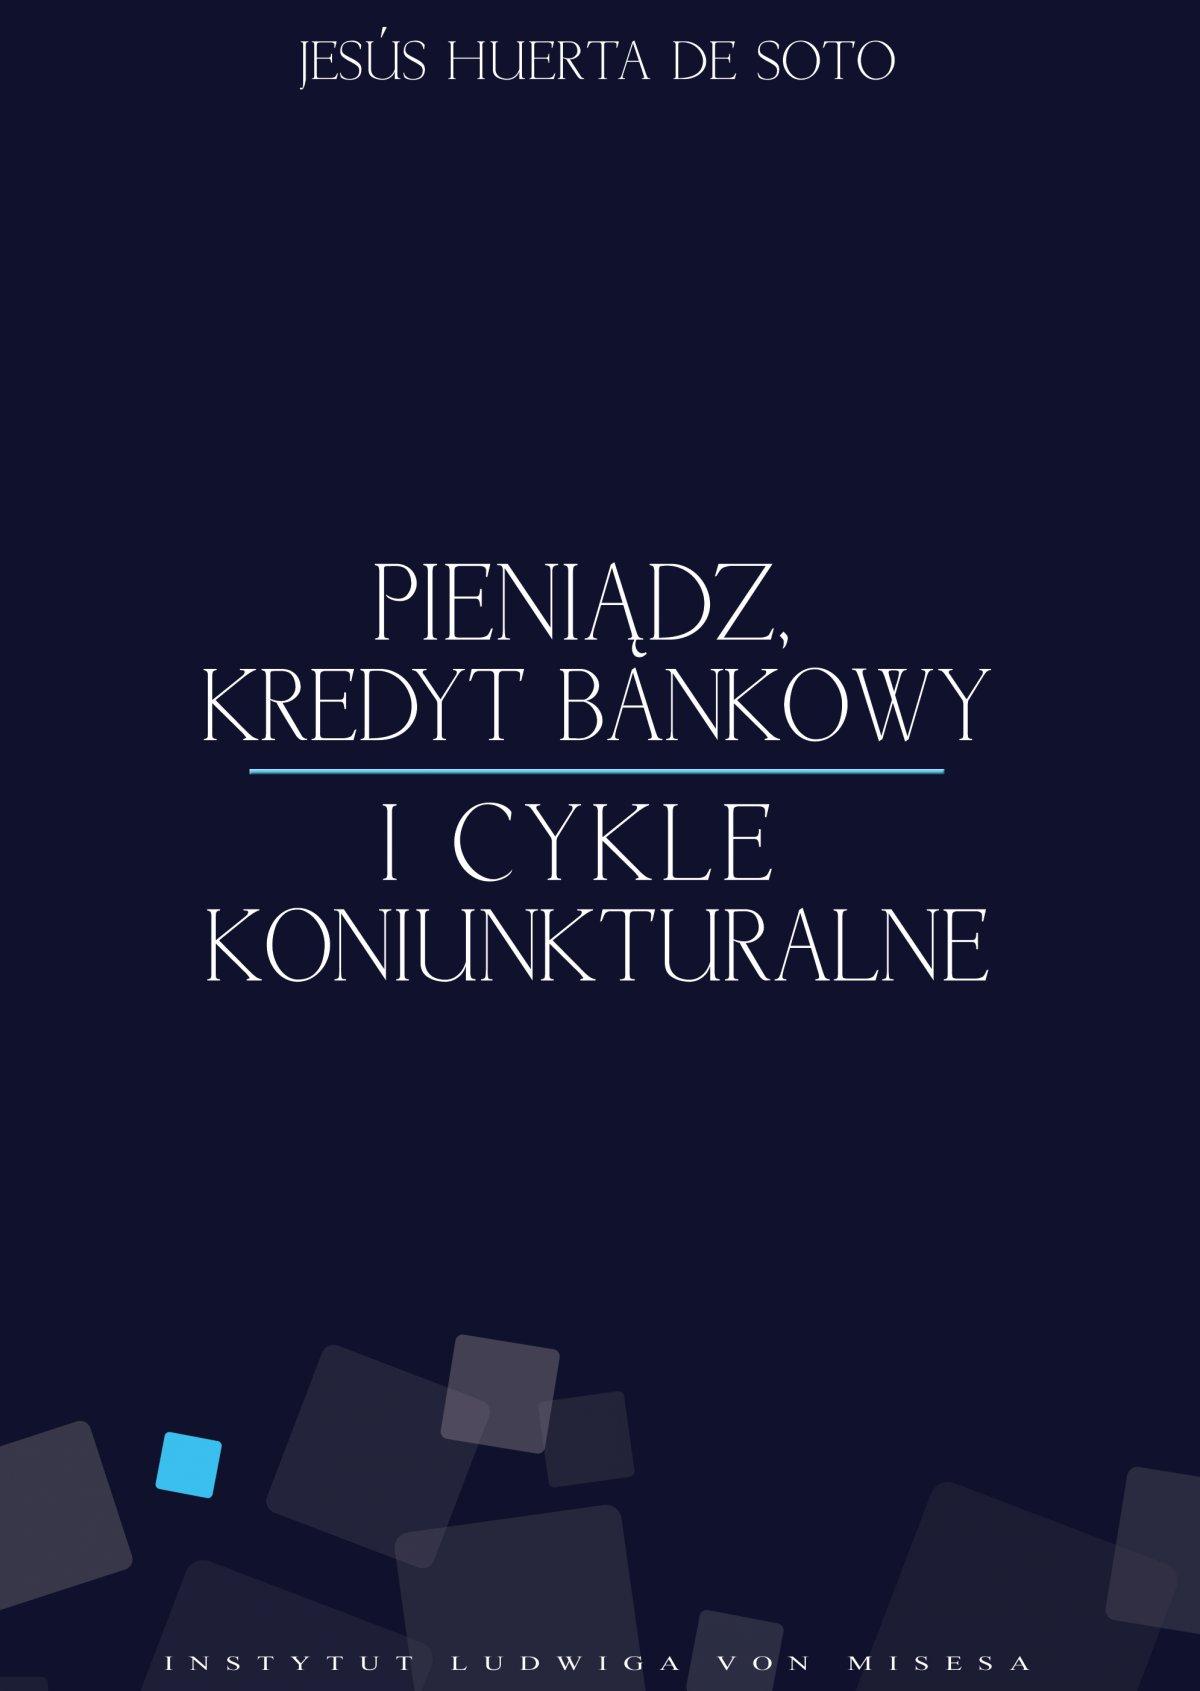 Pieniądz, kredyt bankowy i cykle koniunkturalne - Ebook (Książka EPUB) do pobrania w formacie EPUB